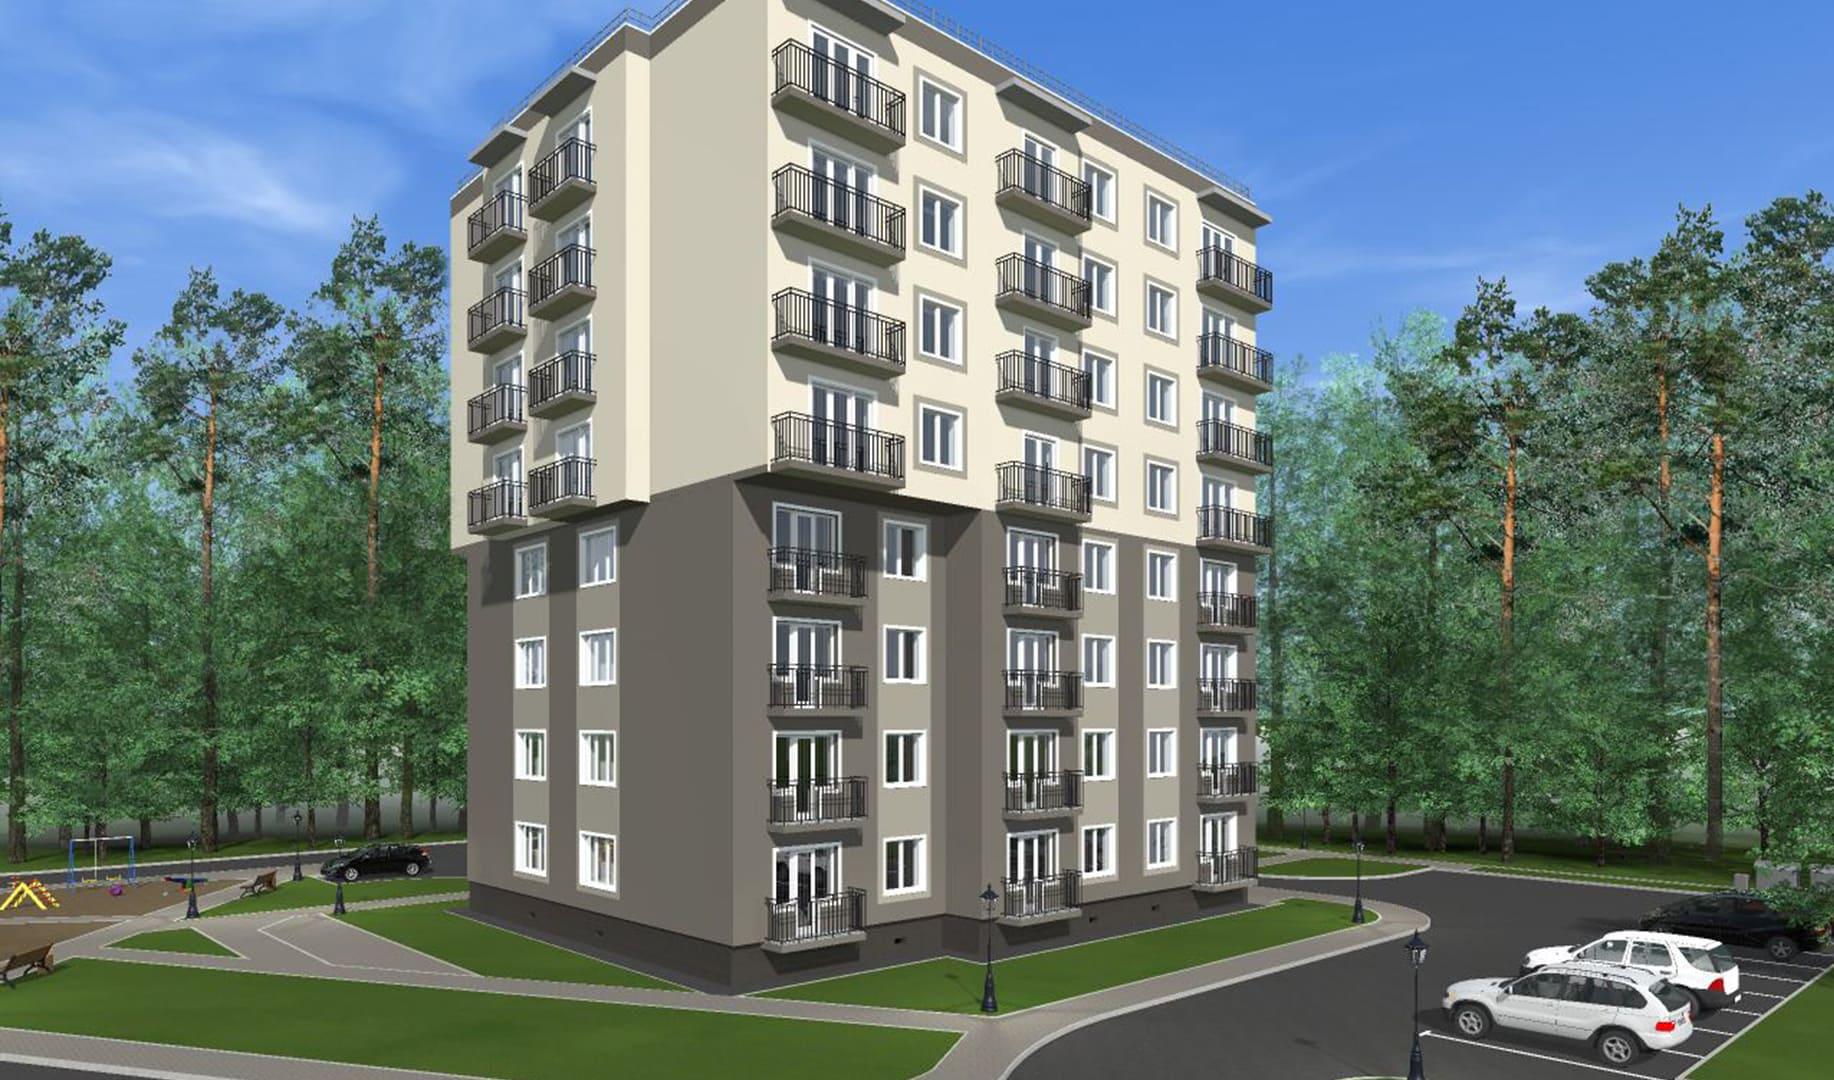 Жилой дом на улице Сосновая, 8 - Фотография 2